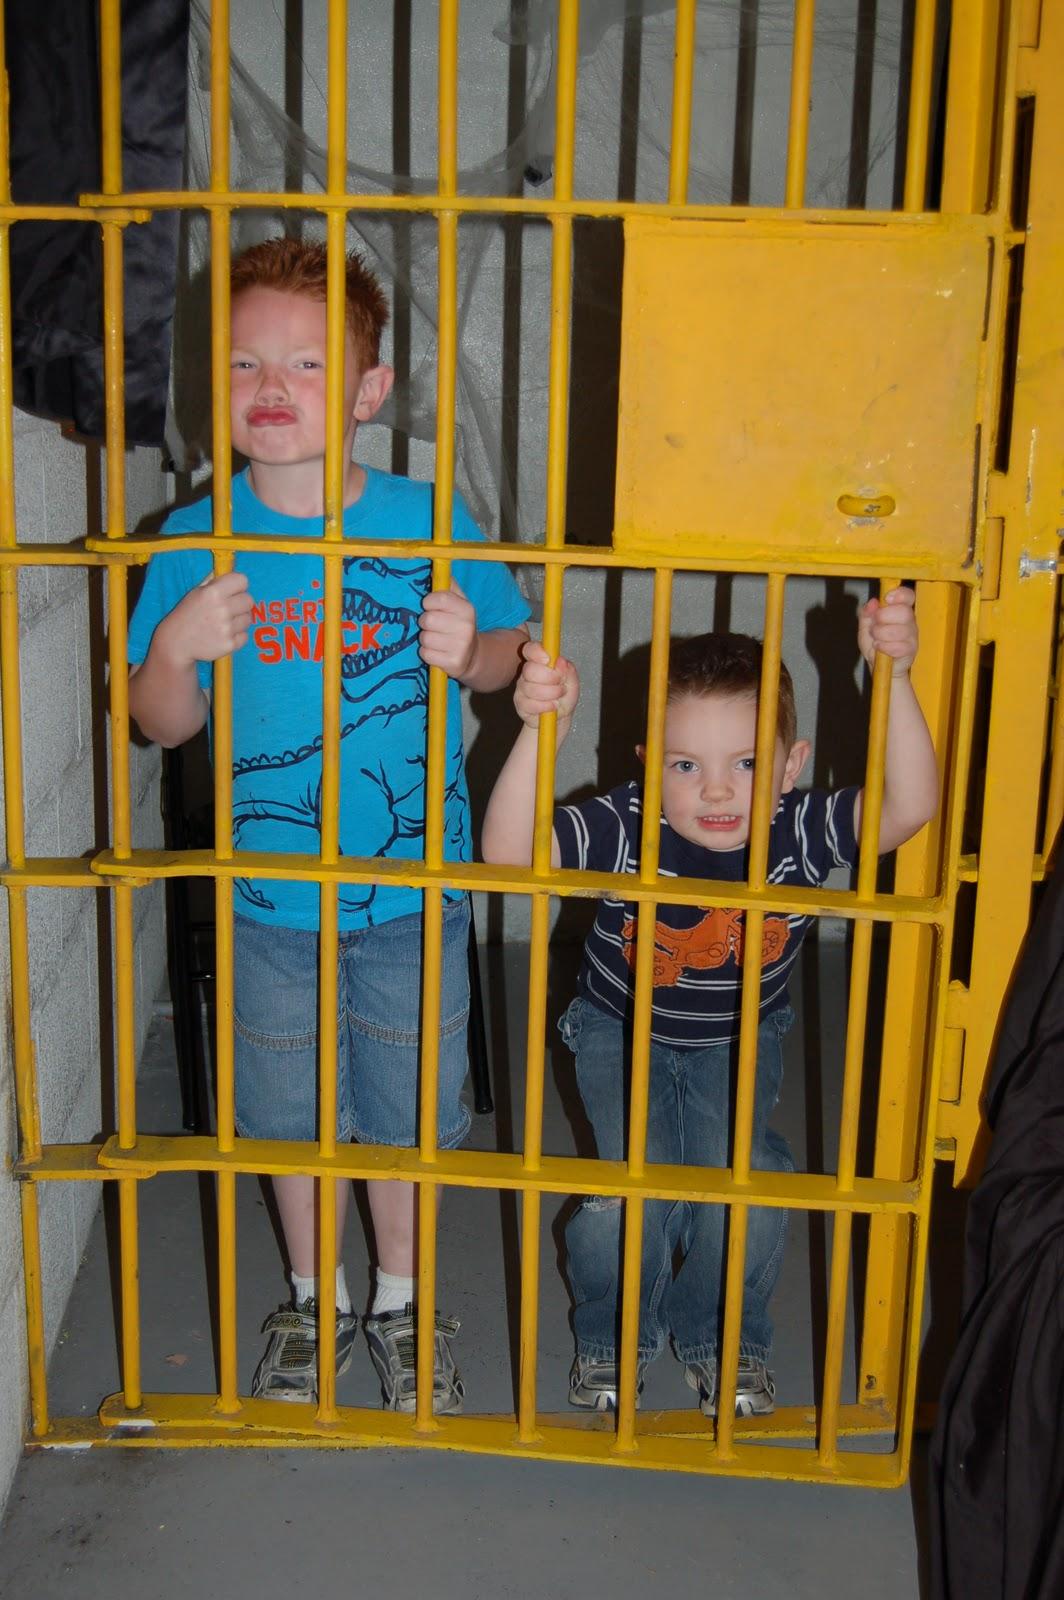 Kids In Jail Cells | www.pixshark.com - Images Galleries ...